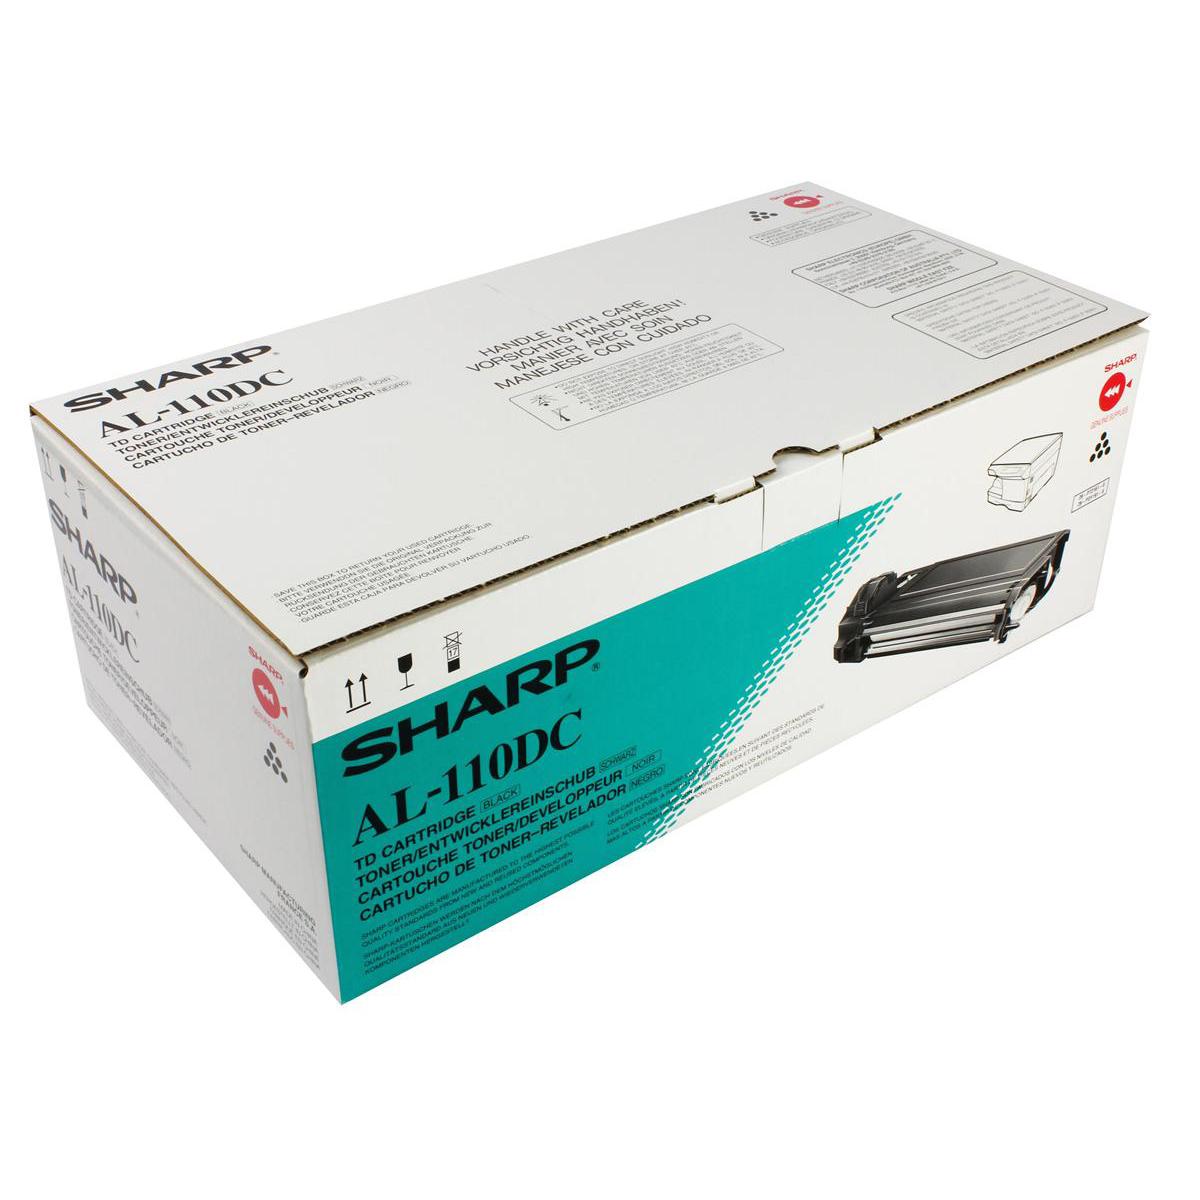 Sharp Laser Toner Cartridge Page Life 4000pp Black Ref AL110DC